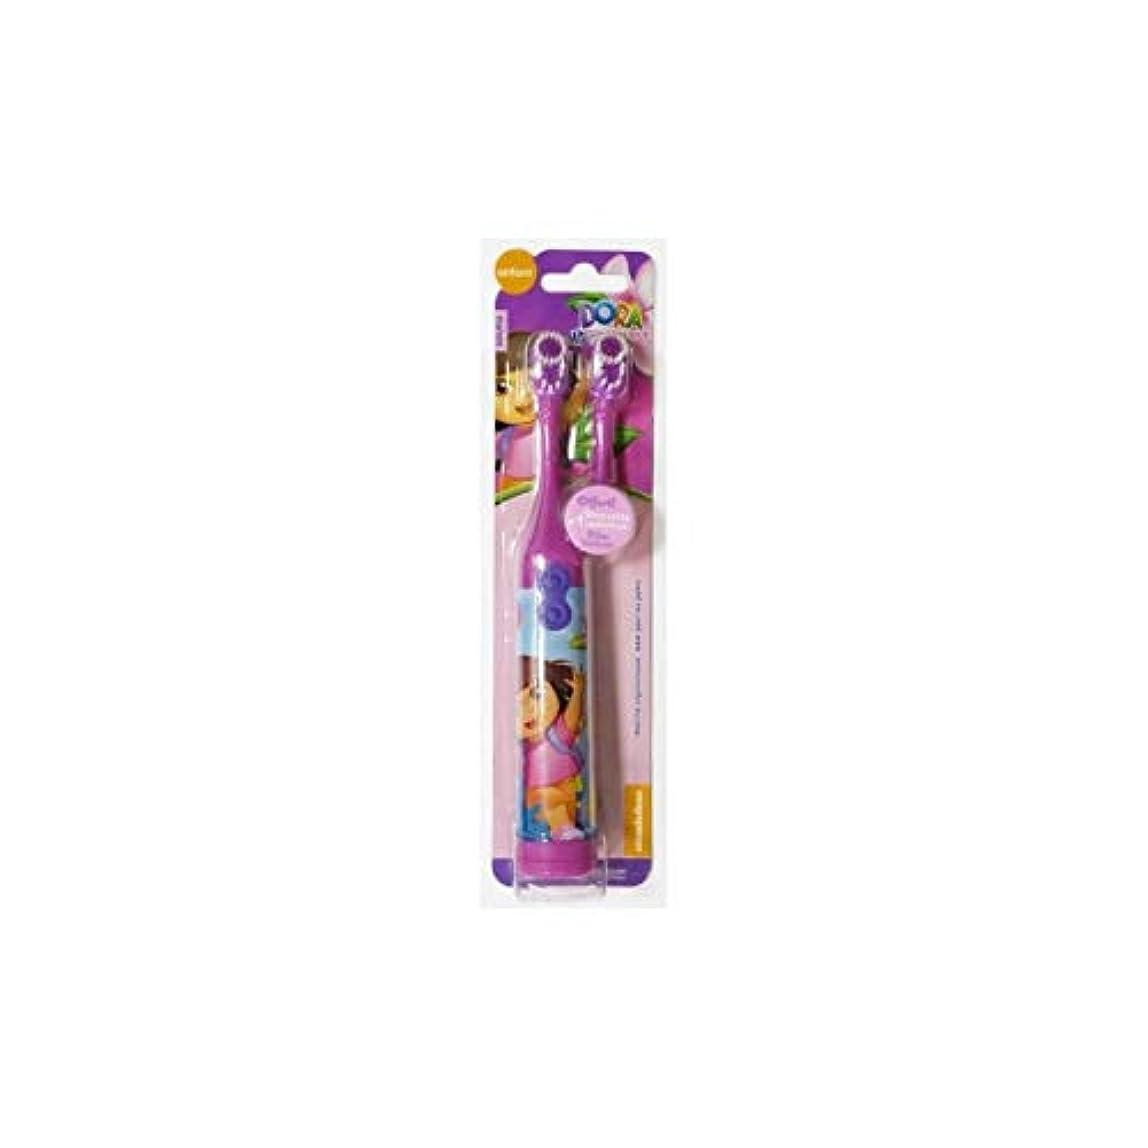 磁器分離する嫌がるドーラ子供用電動歯ブラシ(DORA Electric spin Toothbrush for Kids)